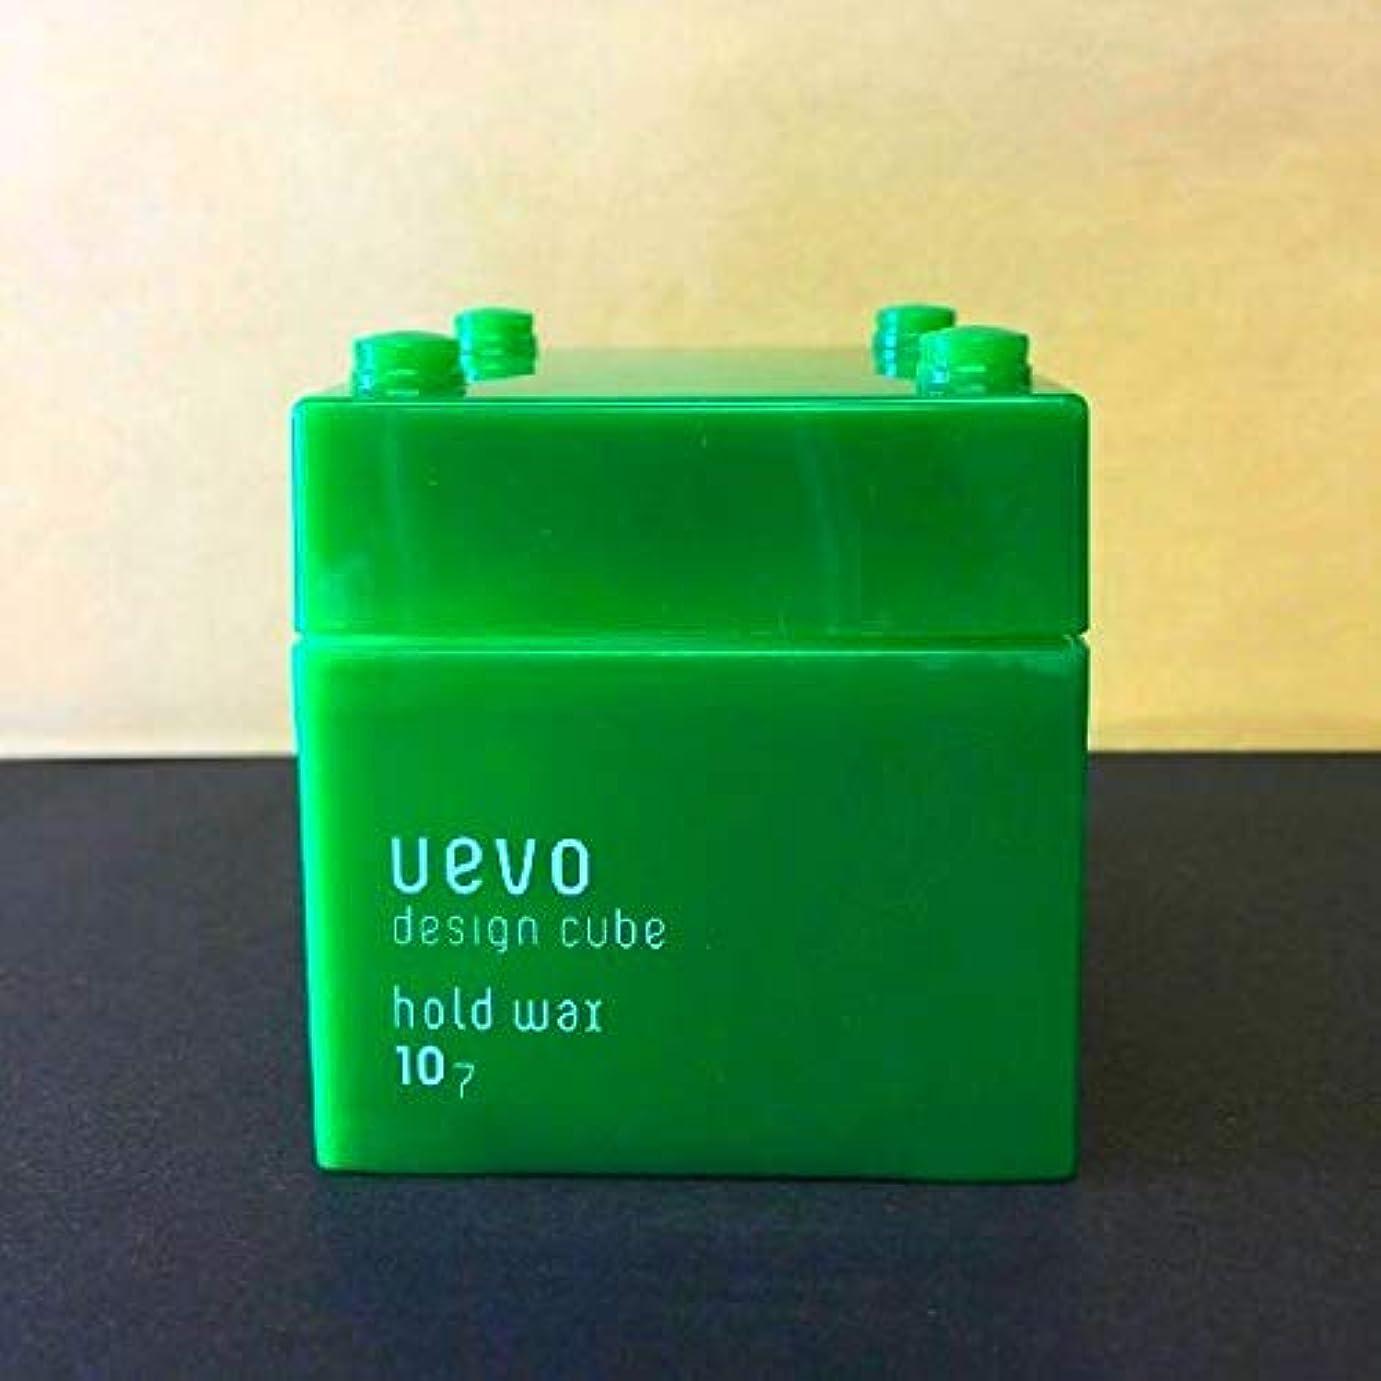 ラベル折り目うま【X3個セット】 デミ ウェーボ デザインキューブ ホールドワックス 80g hold wax DEMI uevo design cube